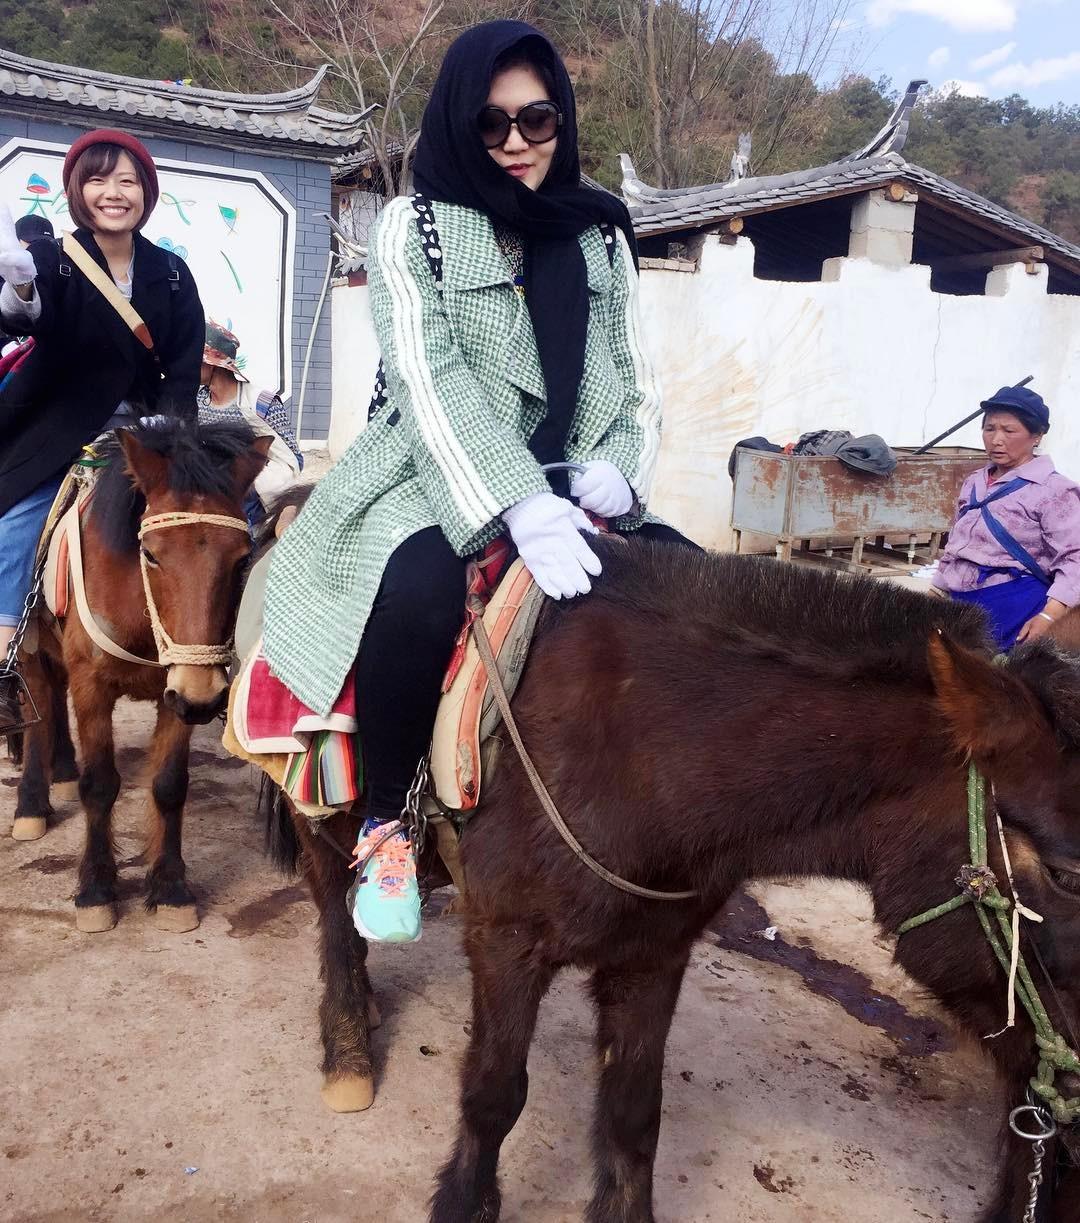 đoàn-nữ-nhi-tham-gia-cưỡi-ngựa-ở-lashihai-tea-horse